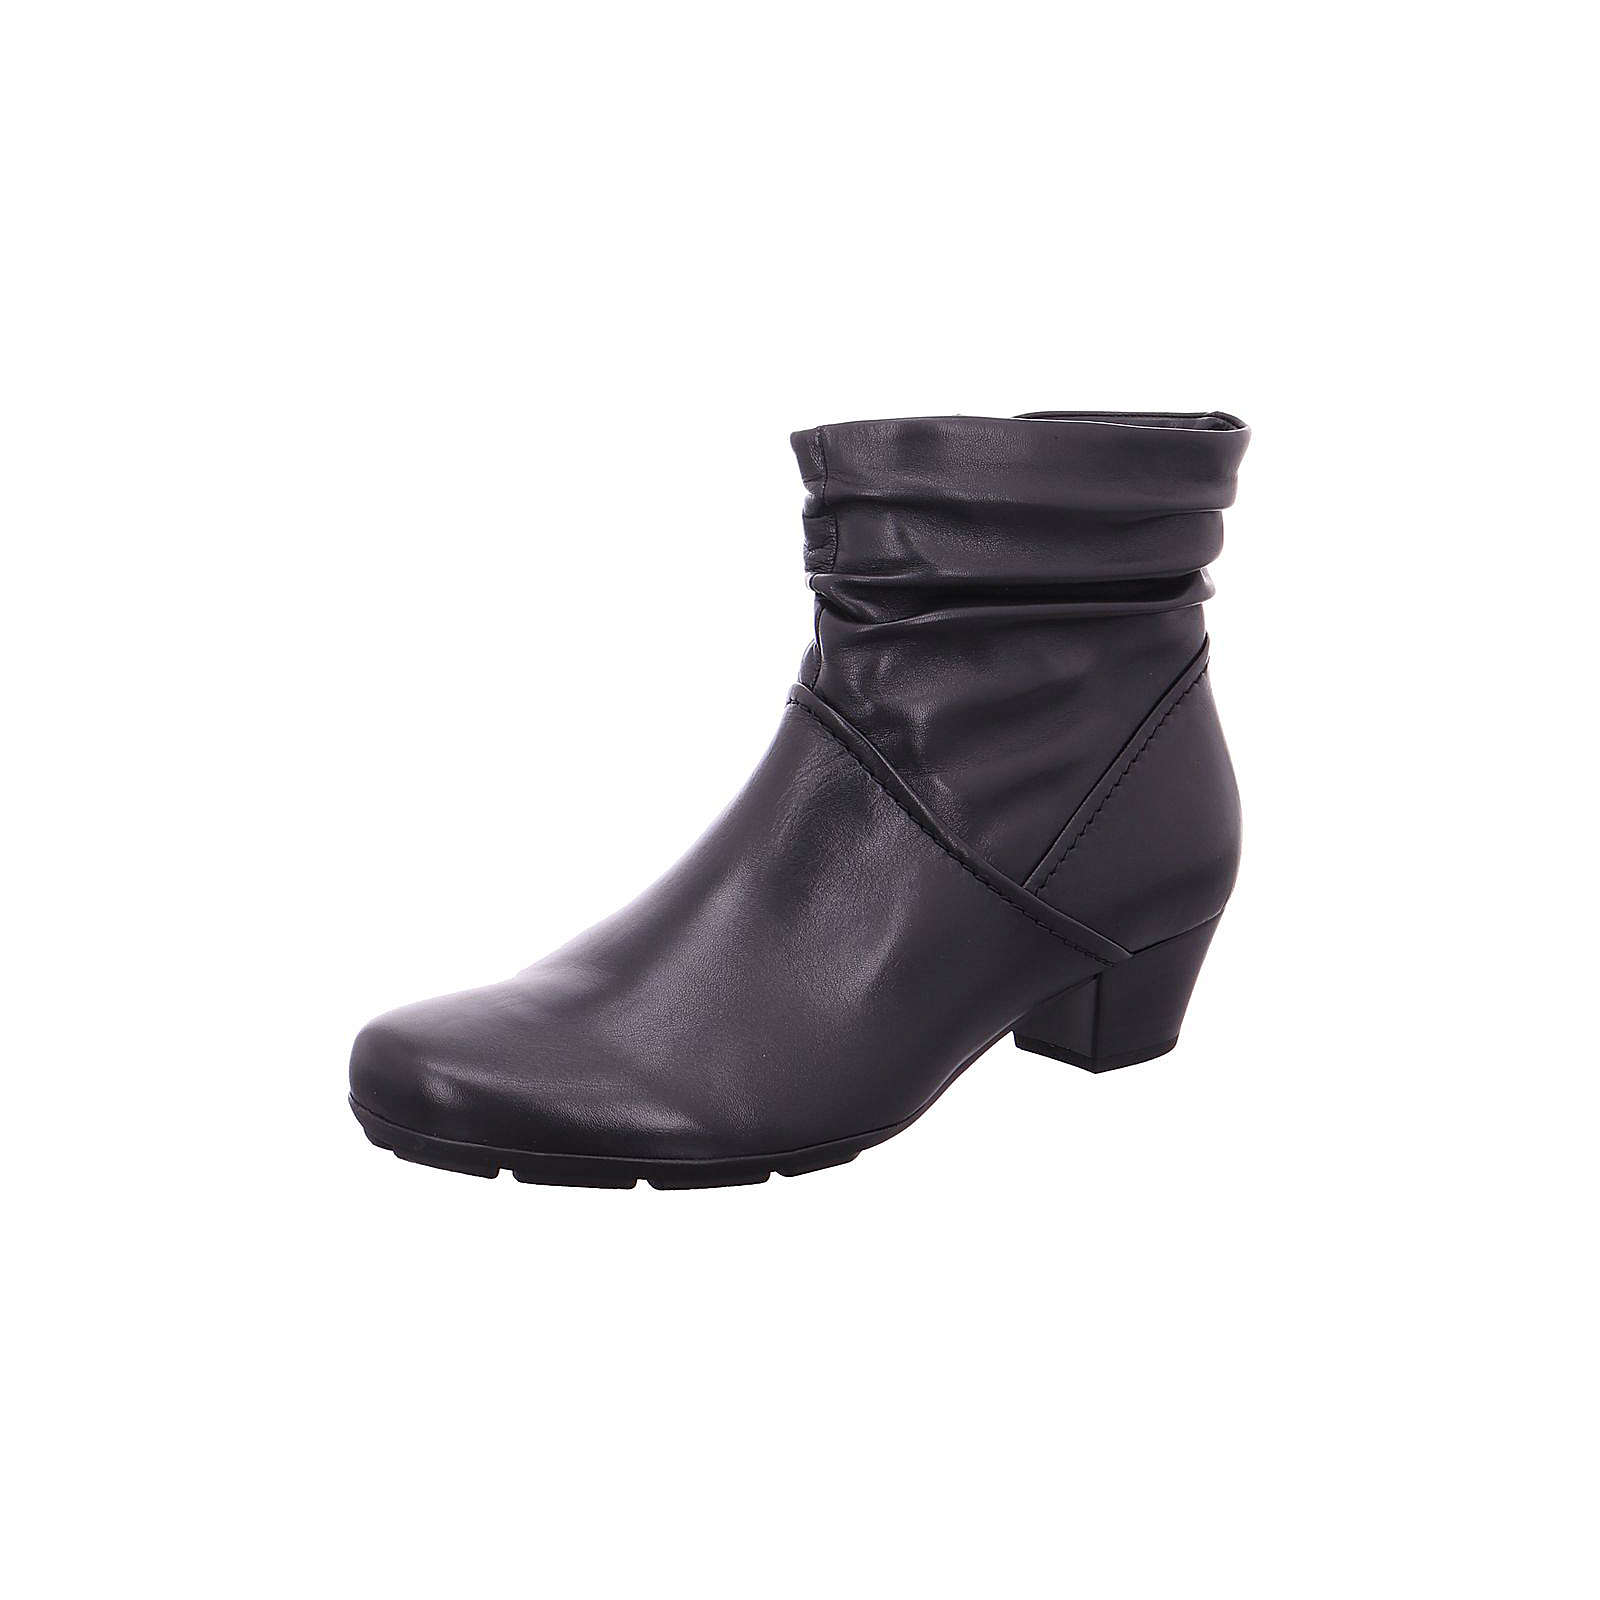 Gabor Stiefel schwarz Klassische Stiefeletten schwarz Damen Gr. 36